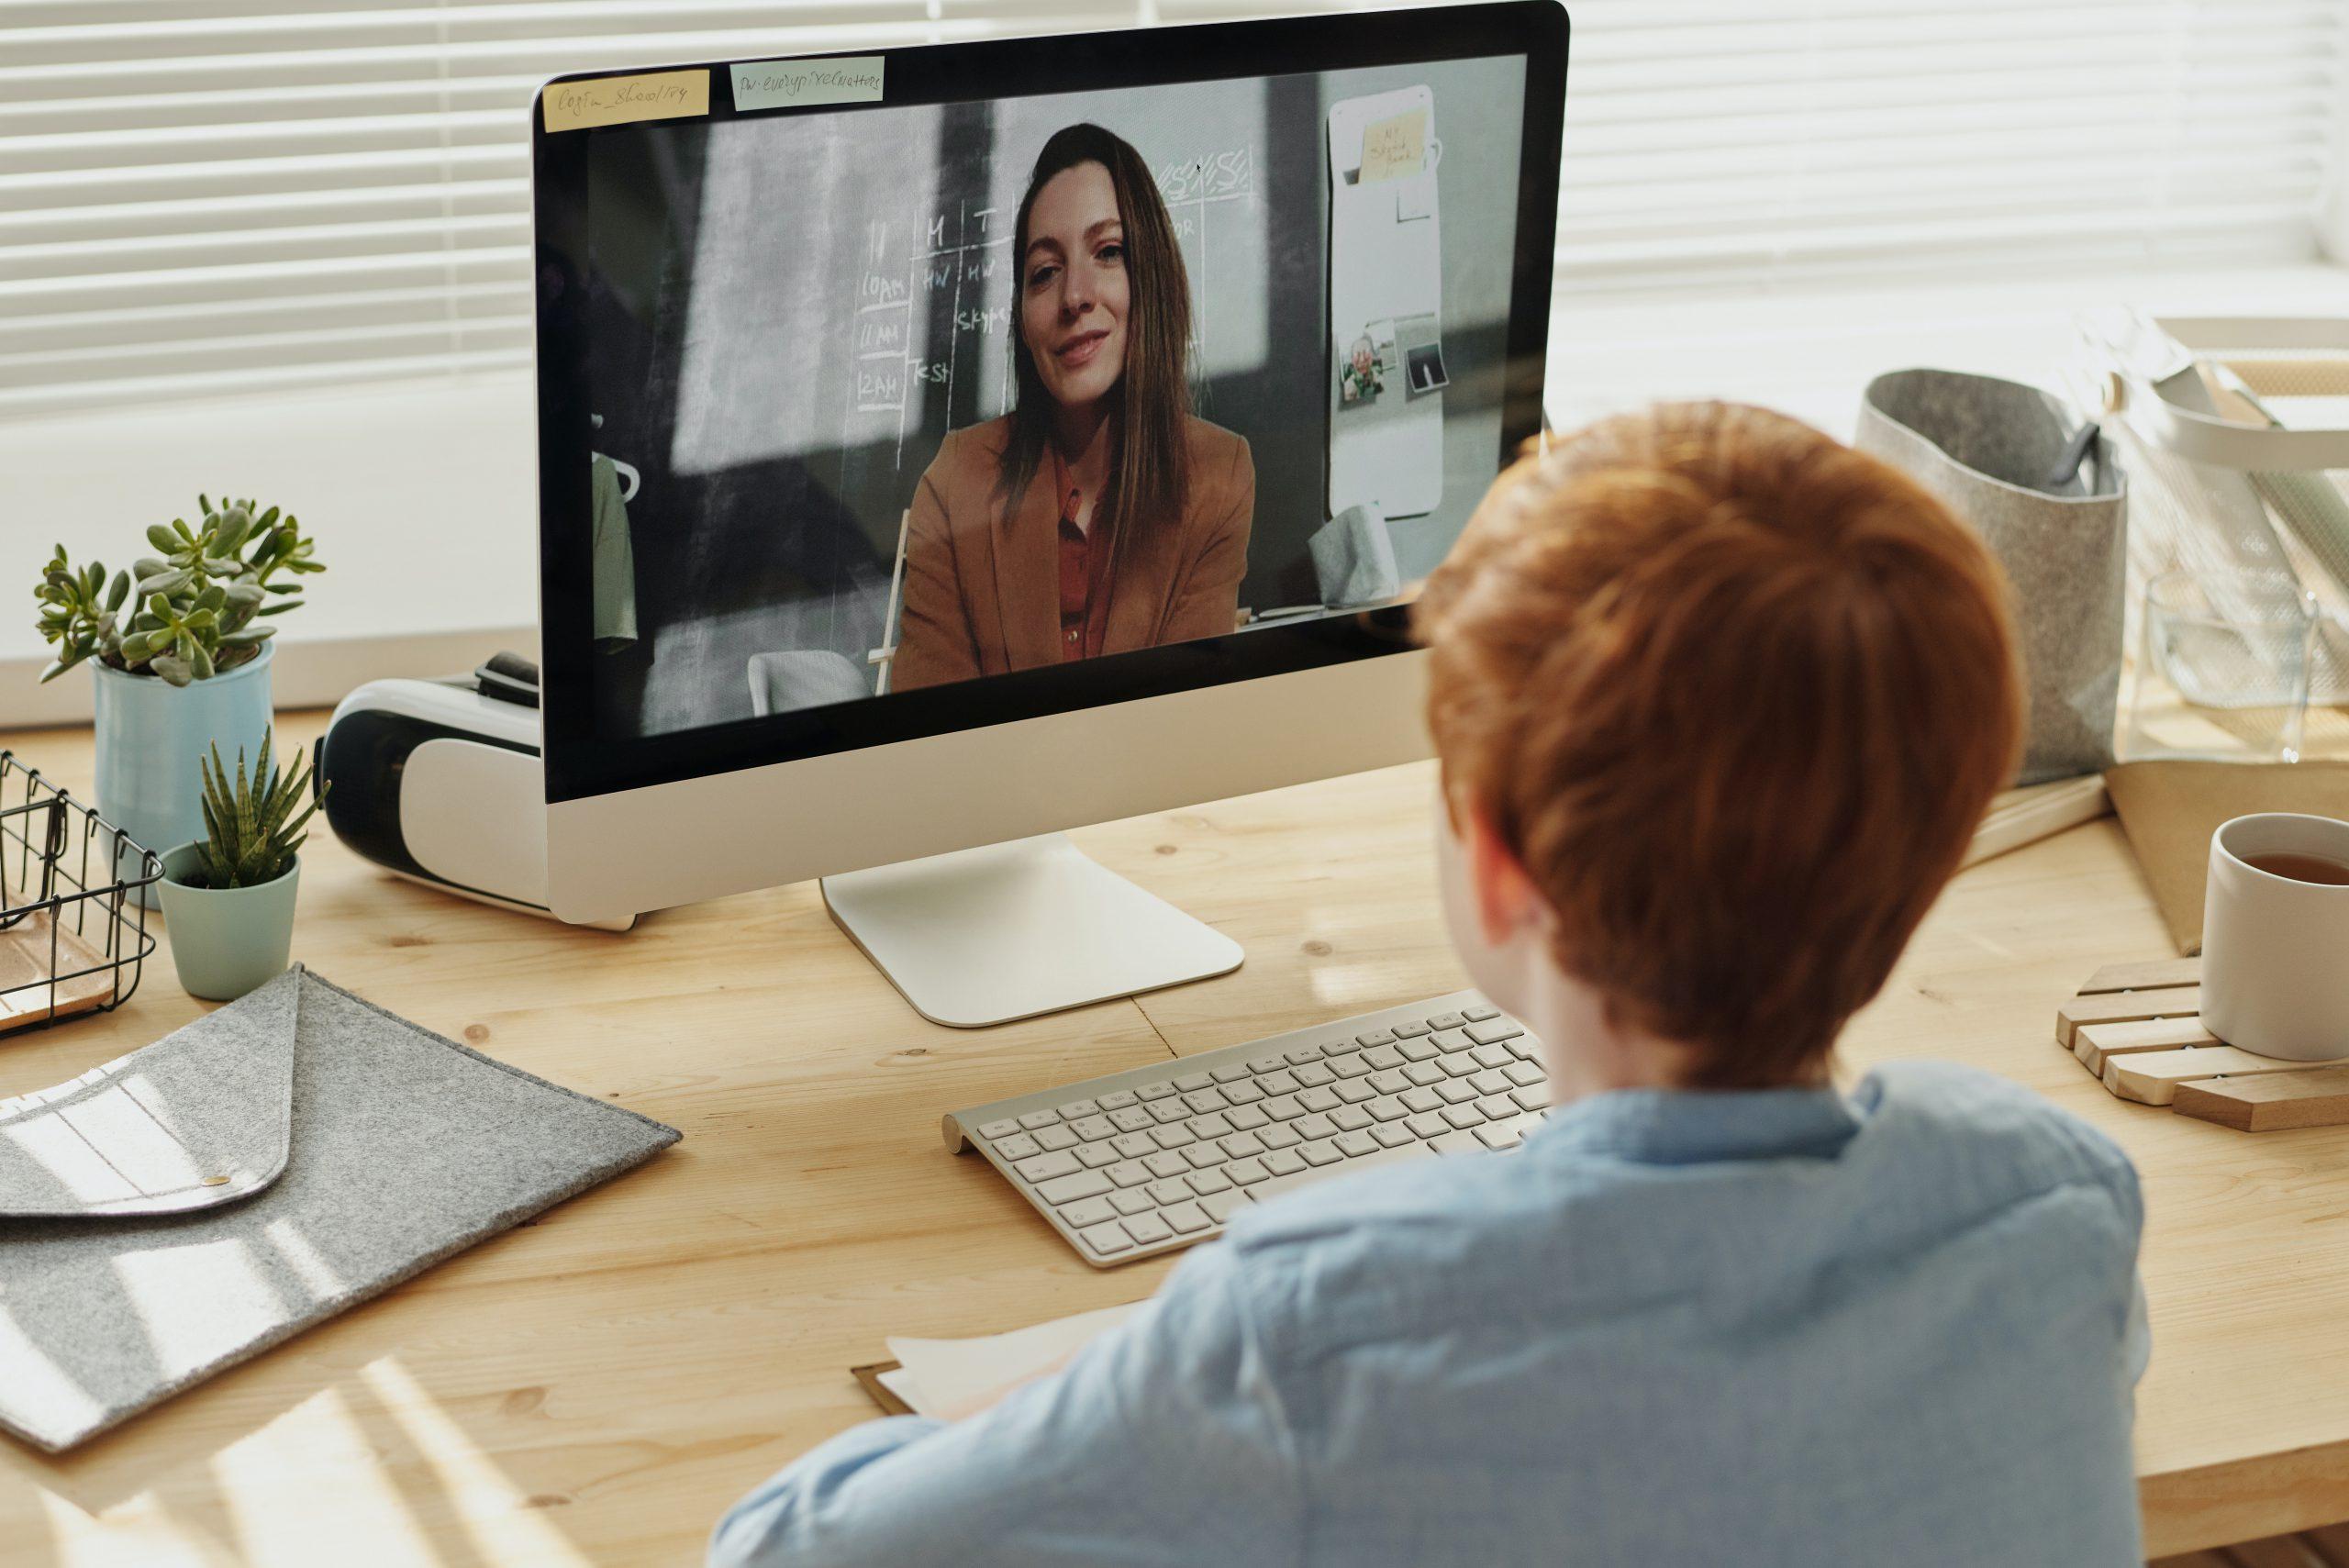 IKT-strategerna i Lund ger hjälp till självhjälp under övergången till nätbaserad undervisning